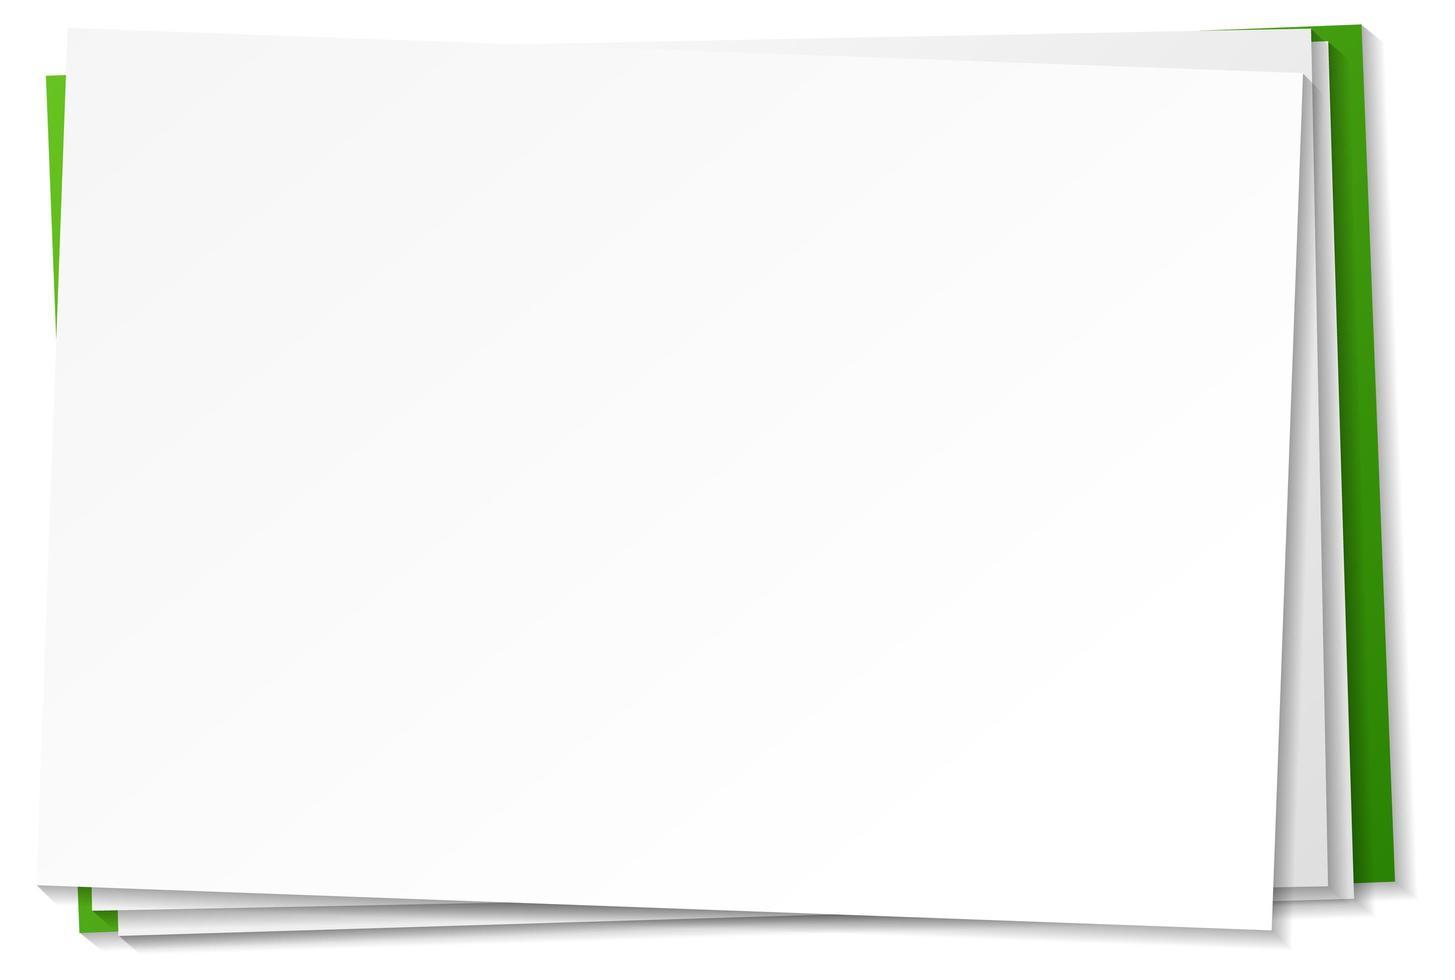 plantilla de nota de papel en blanco sobre fondo blanco vector